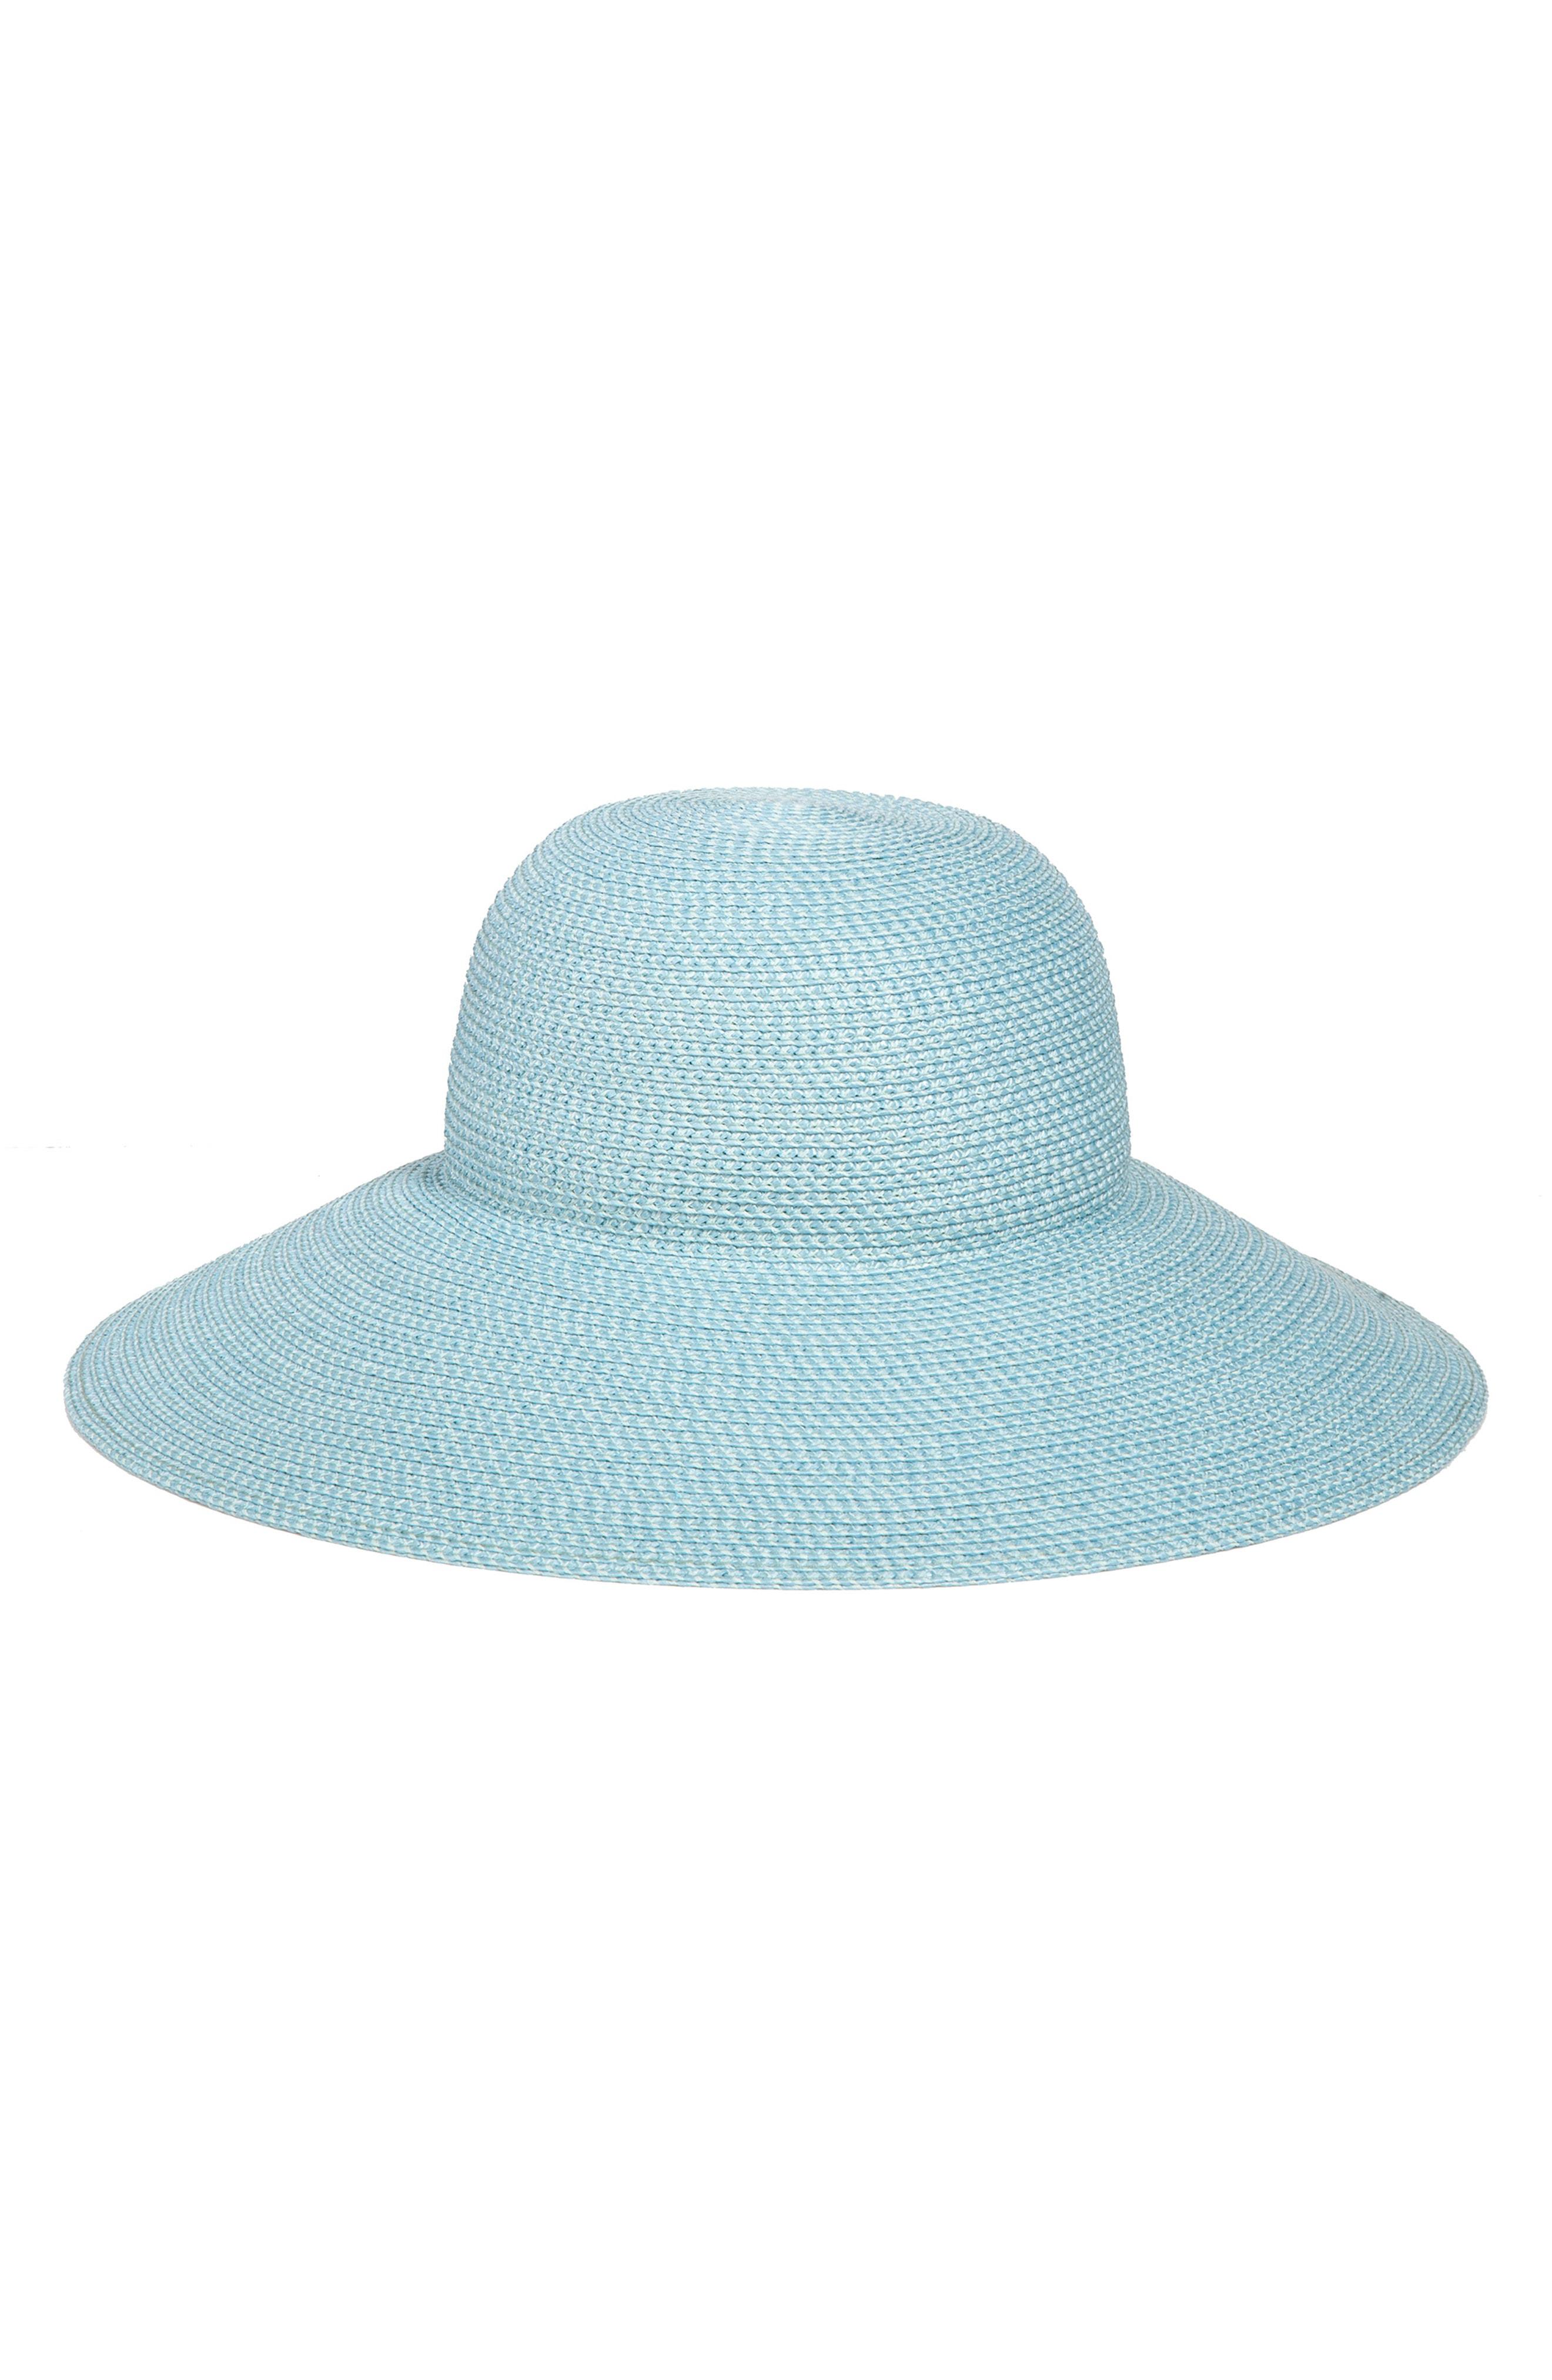 535399e72ccfd Eric Javits  Hampton  Straw Sun Hat - Blue In Aqua